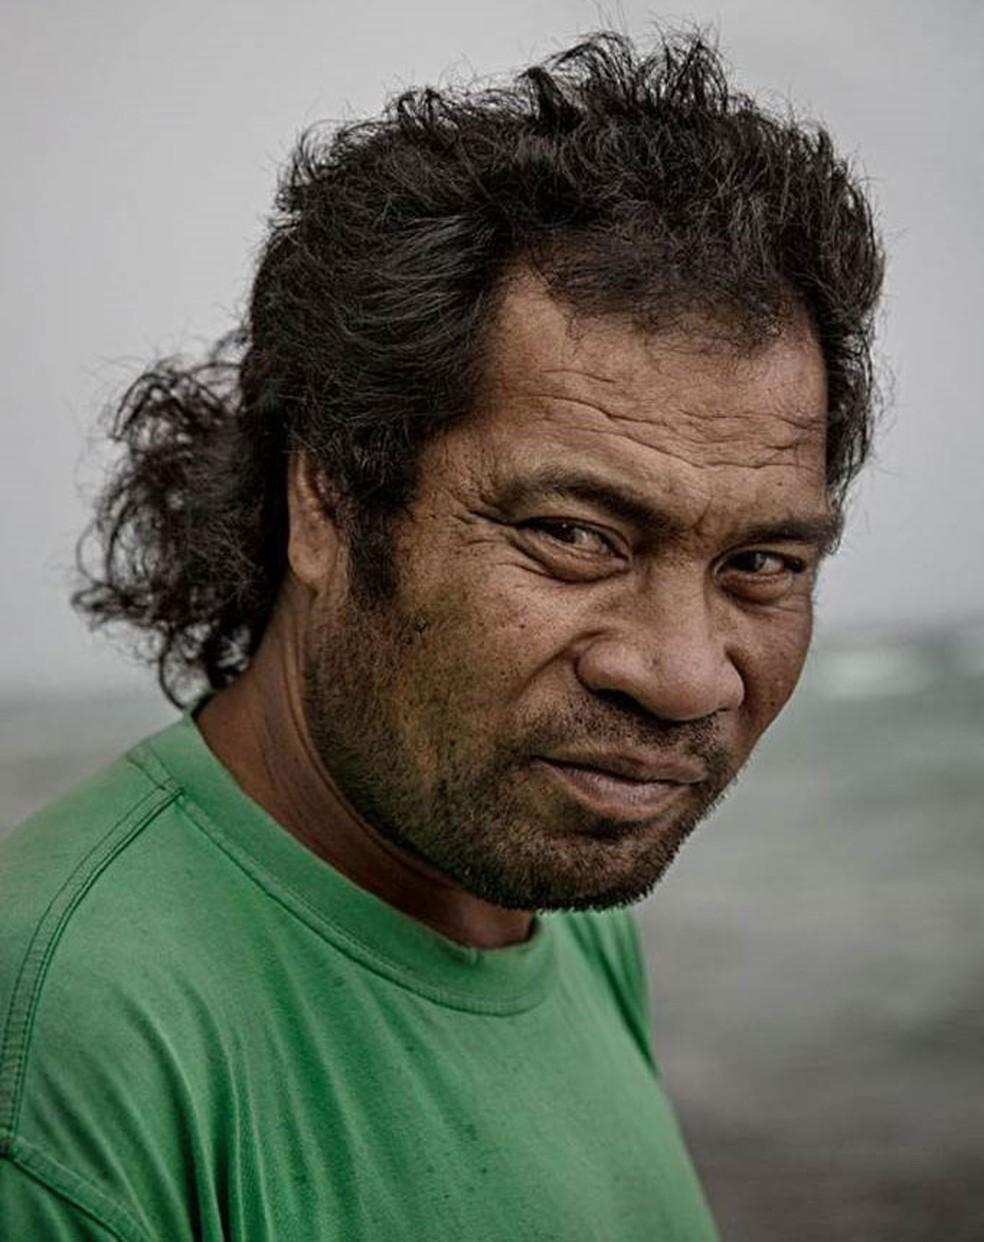 Ioane Teitiota pode ser o primeiro refugiado por motivo de mudança climática do mundo — Foto: Getty Images/BBC